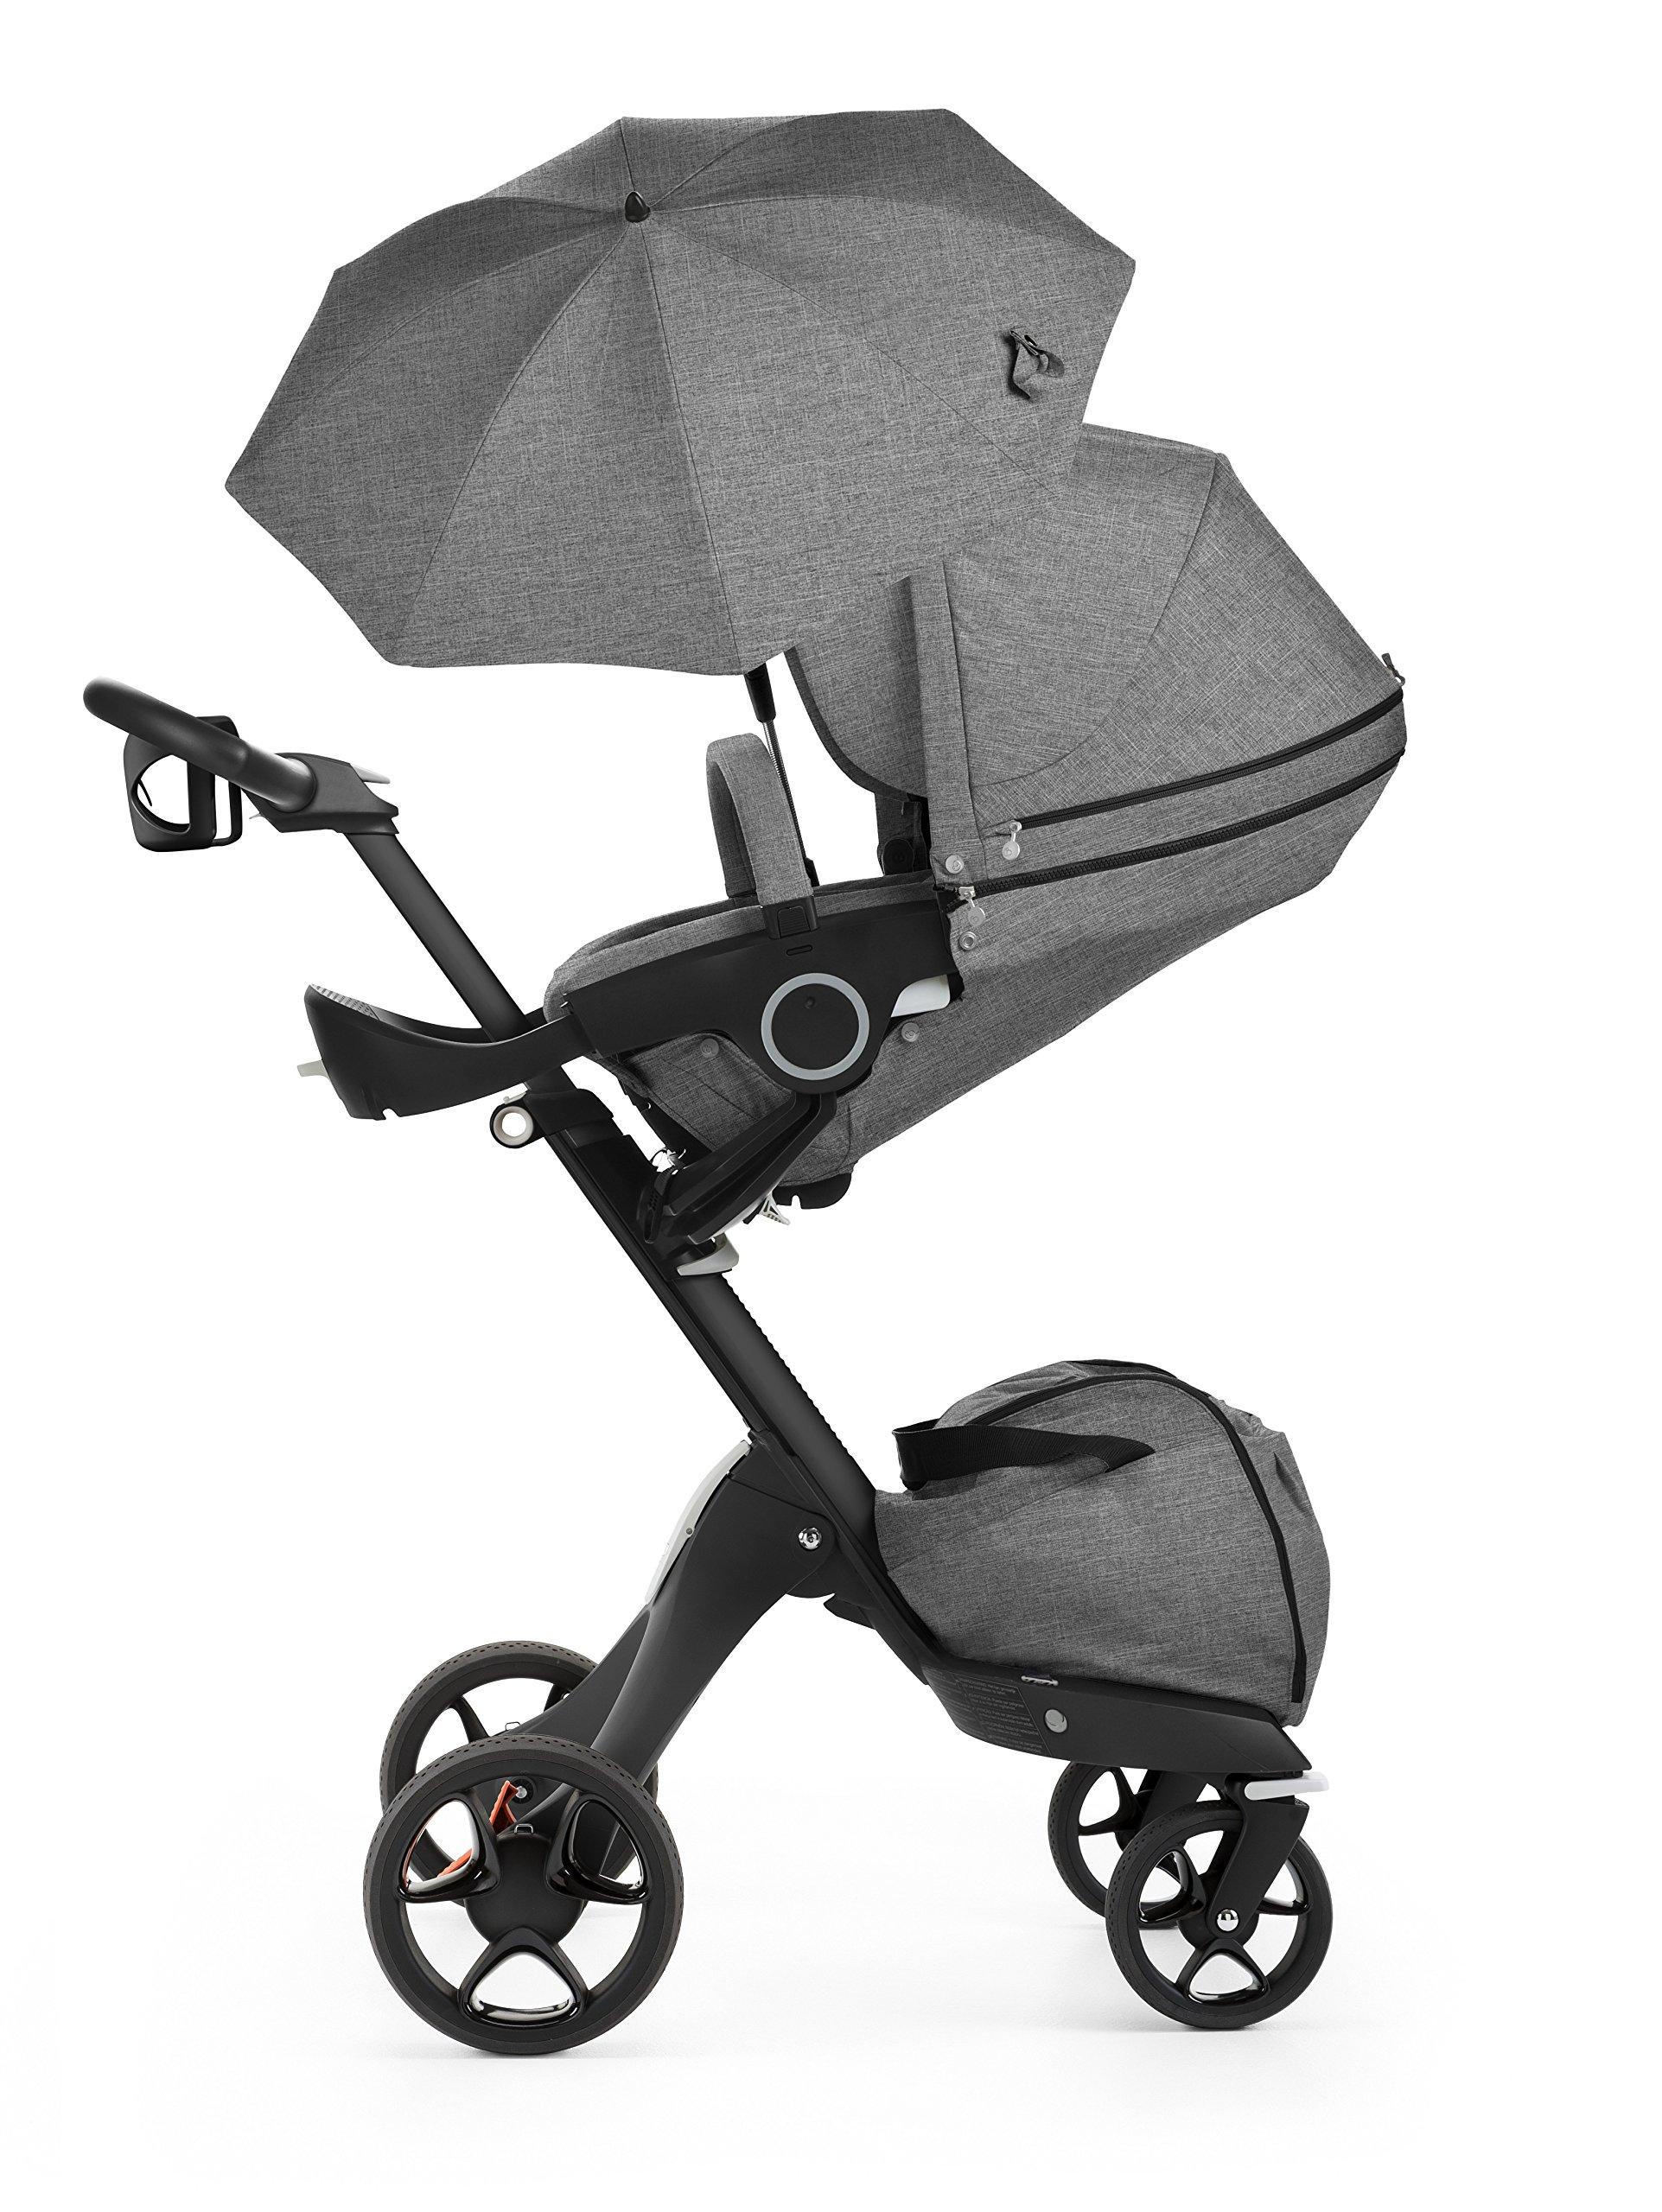 Stokke Black V5 / Chassis With Complete Stroller Seat, Parasol and Cup Holder, Black Melange by Stokke (Image #3)